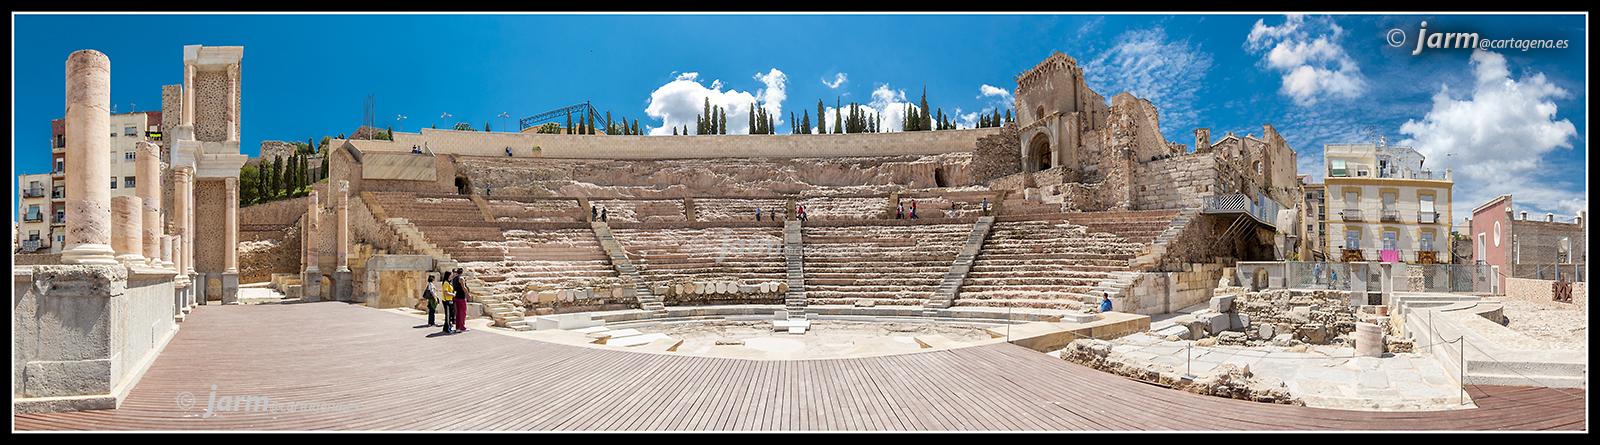 Teatro Romano de Cartagena II - Página 7 8958706456_1abd63caf2_o